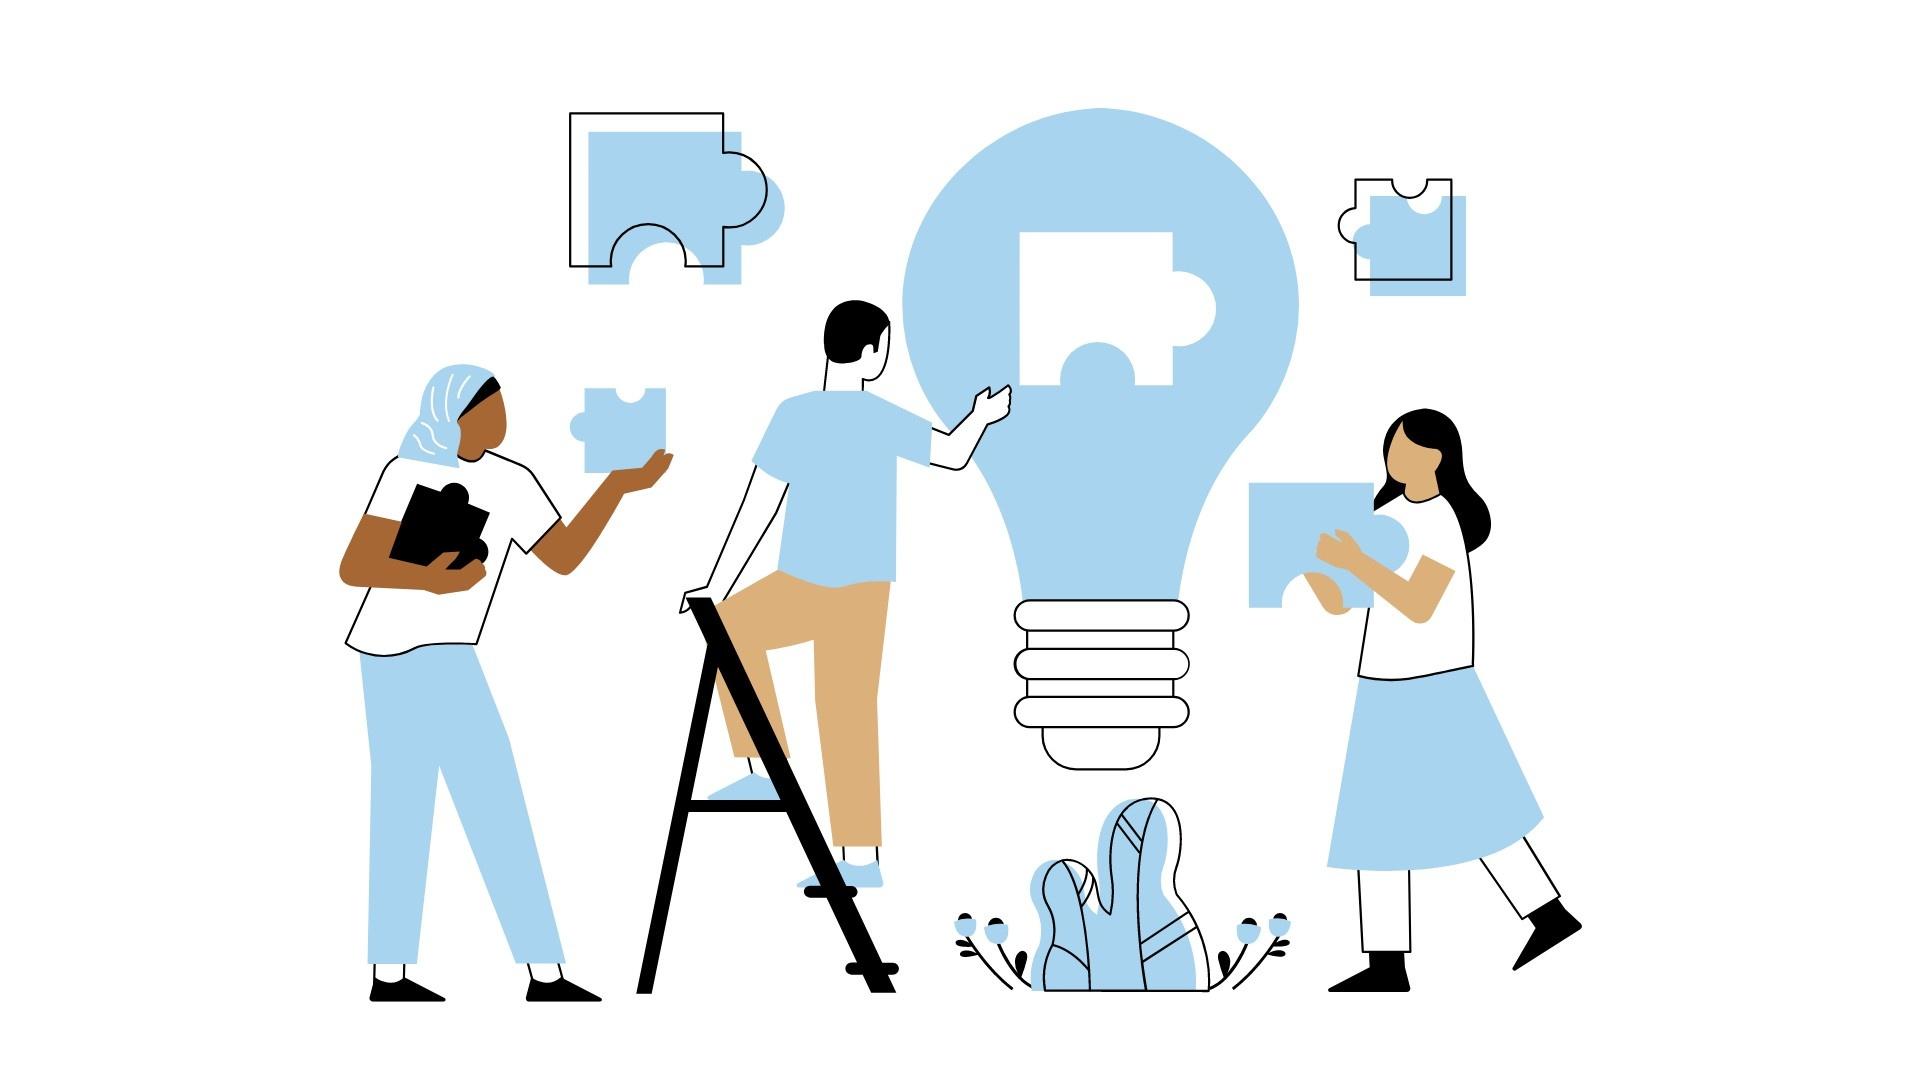 Problemlösekompetenz Workshop in der Digital Coach Academy